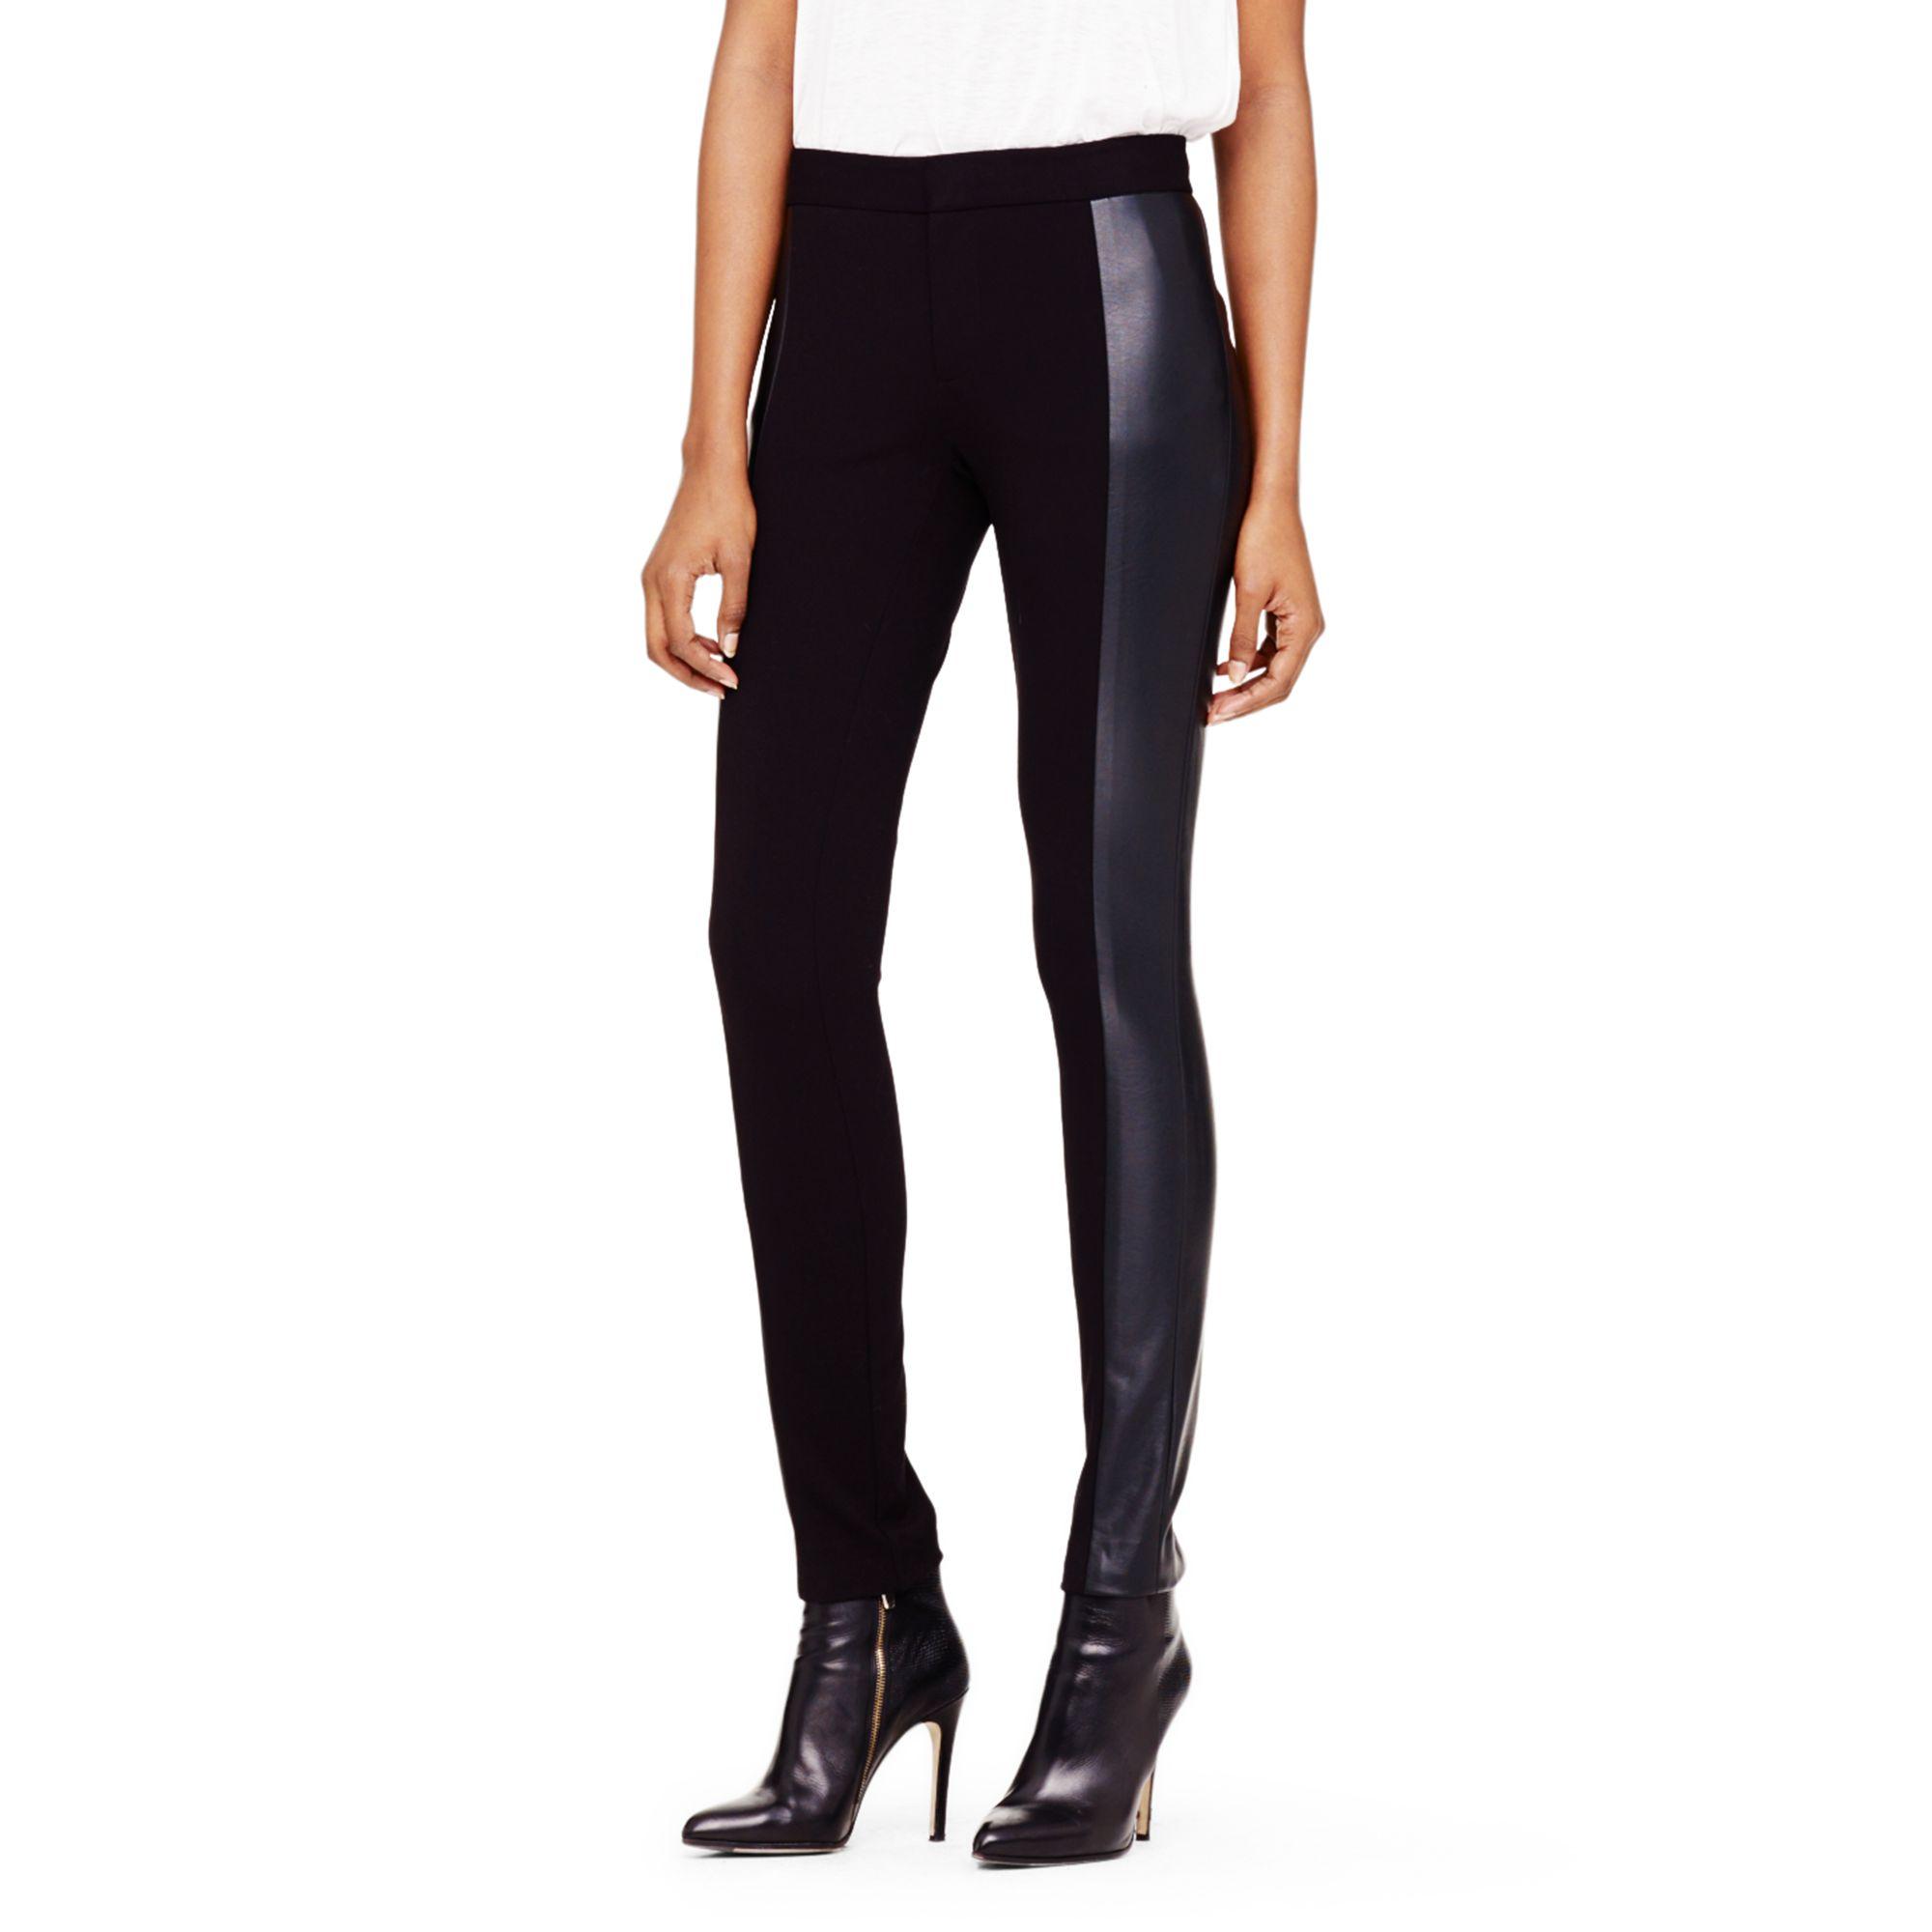 1ef2dd4d762a6 Club Monaco Rochelle Faux-leather Legging in Black - Lyst